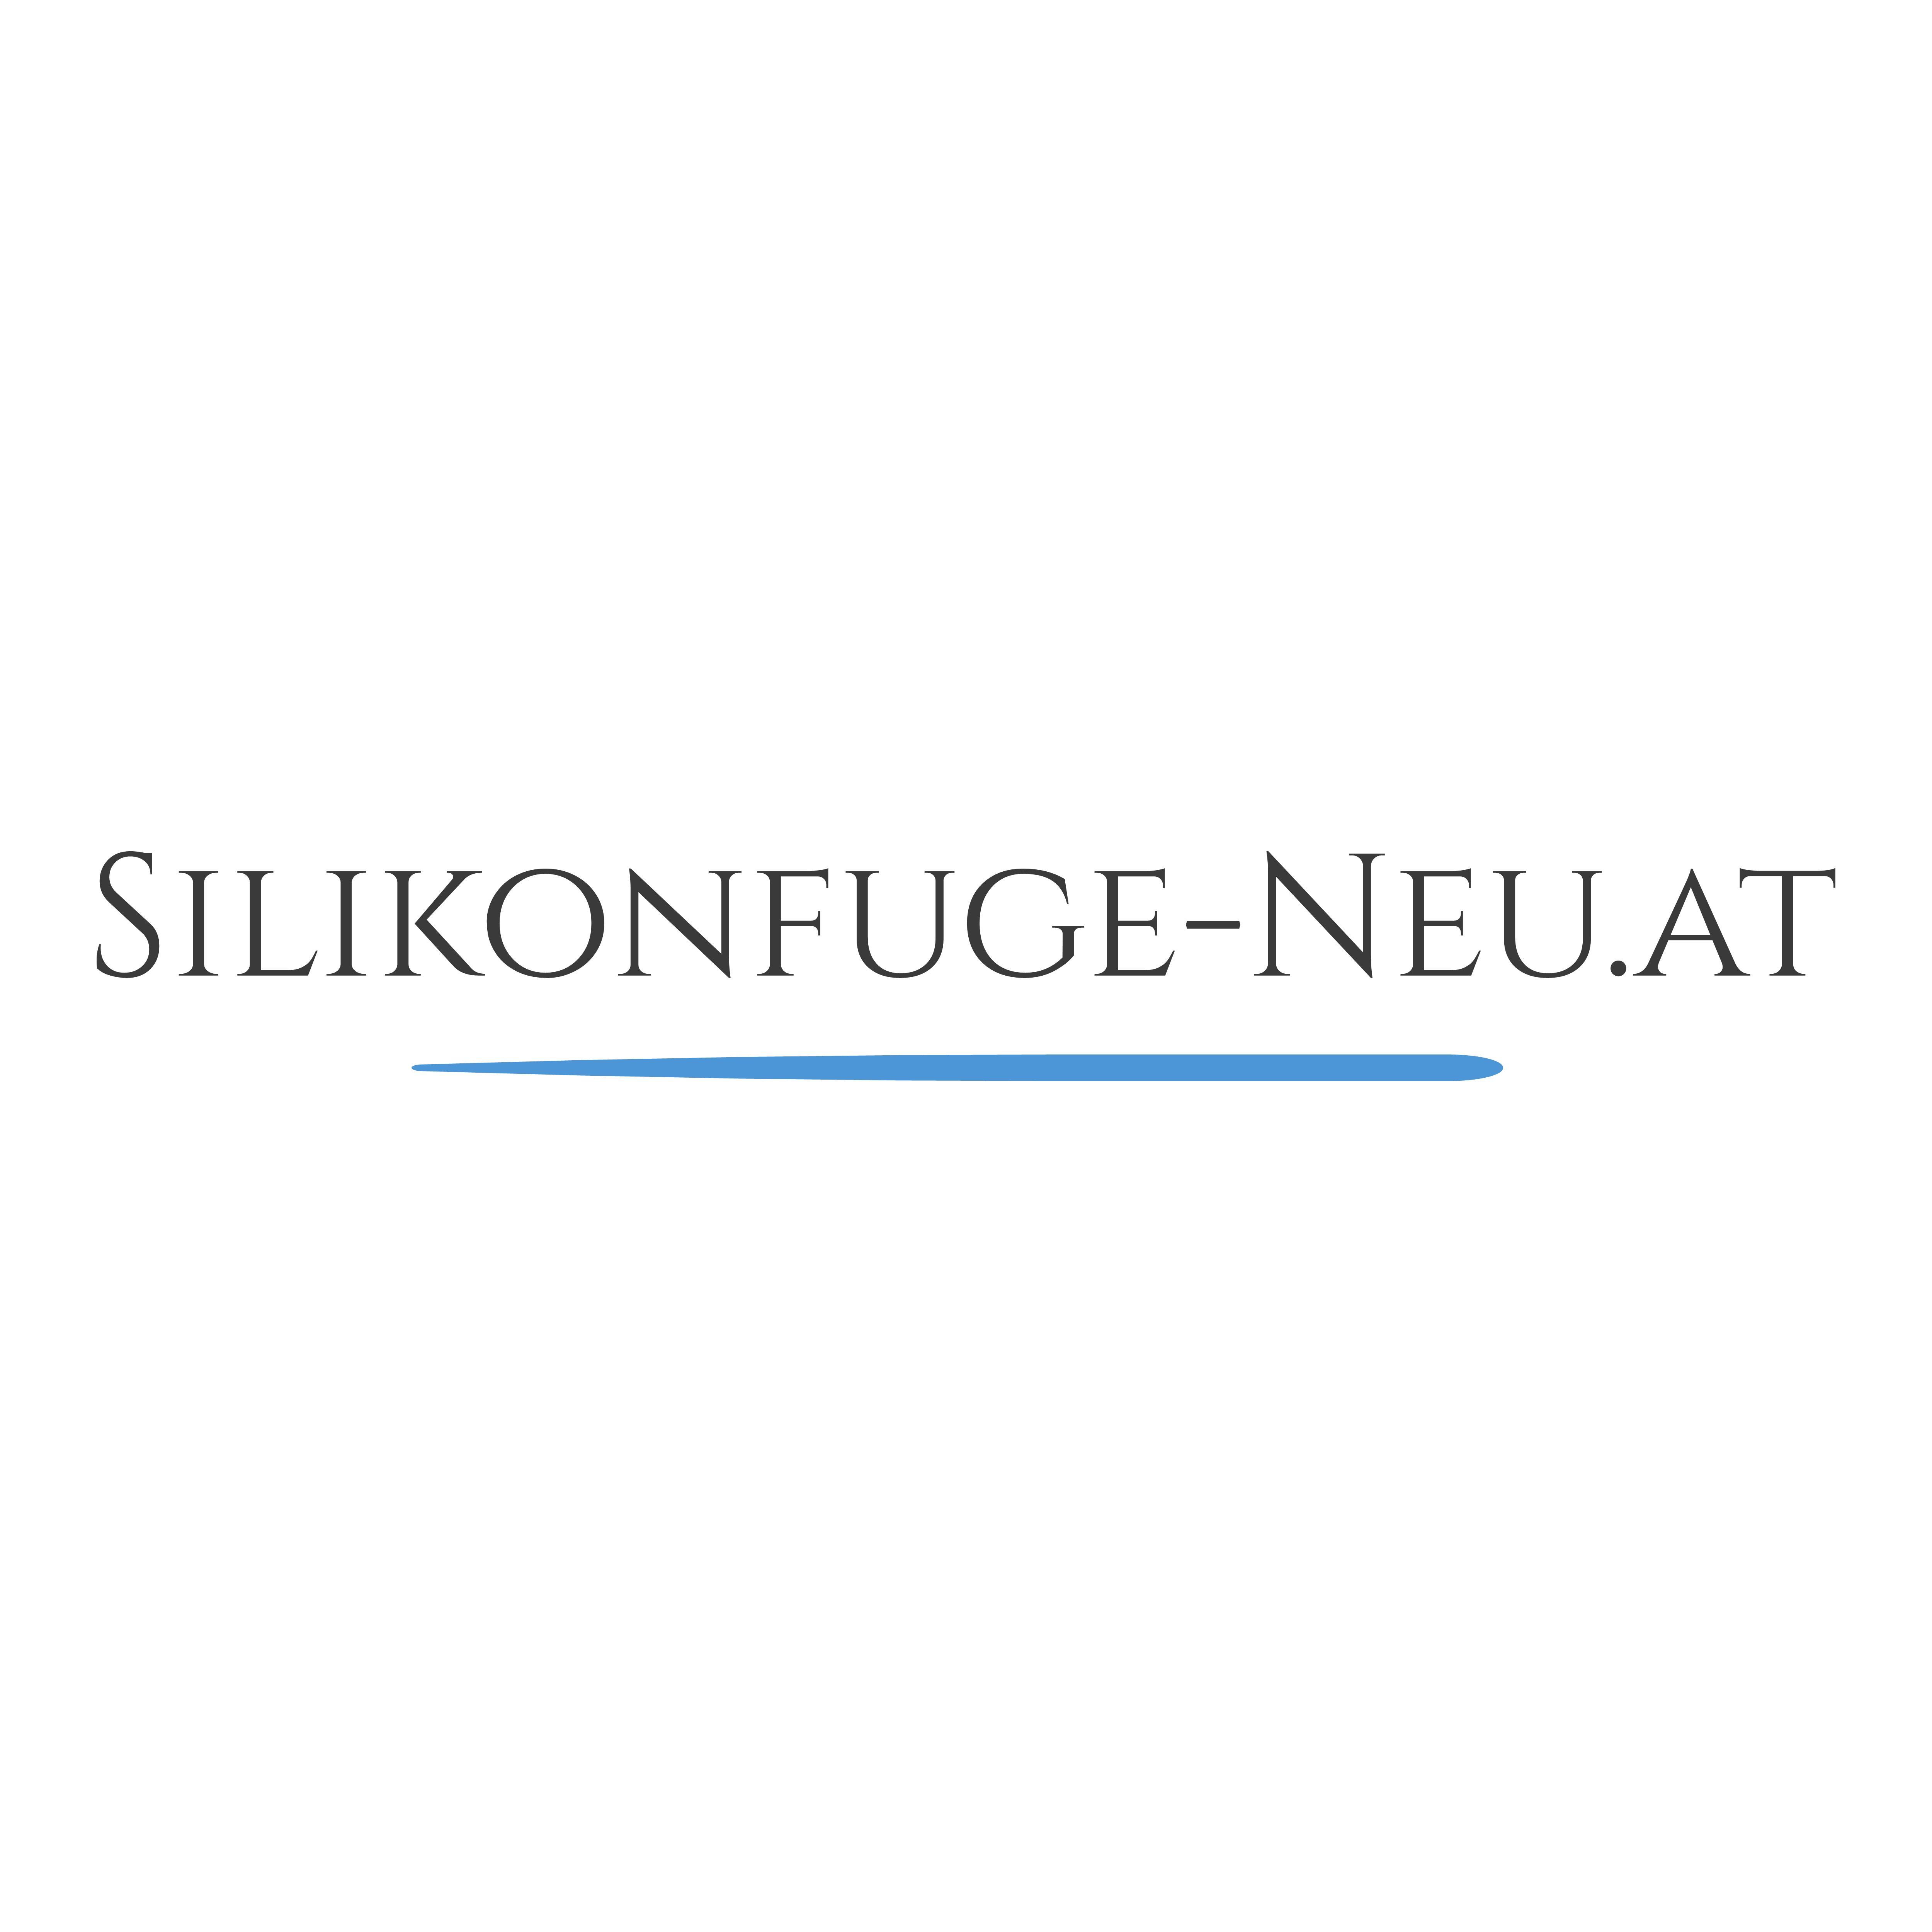 Top Silikonfugen tauschen und erneuern zum günstigen Preis in Wien OU67